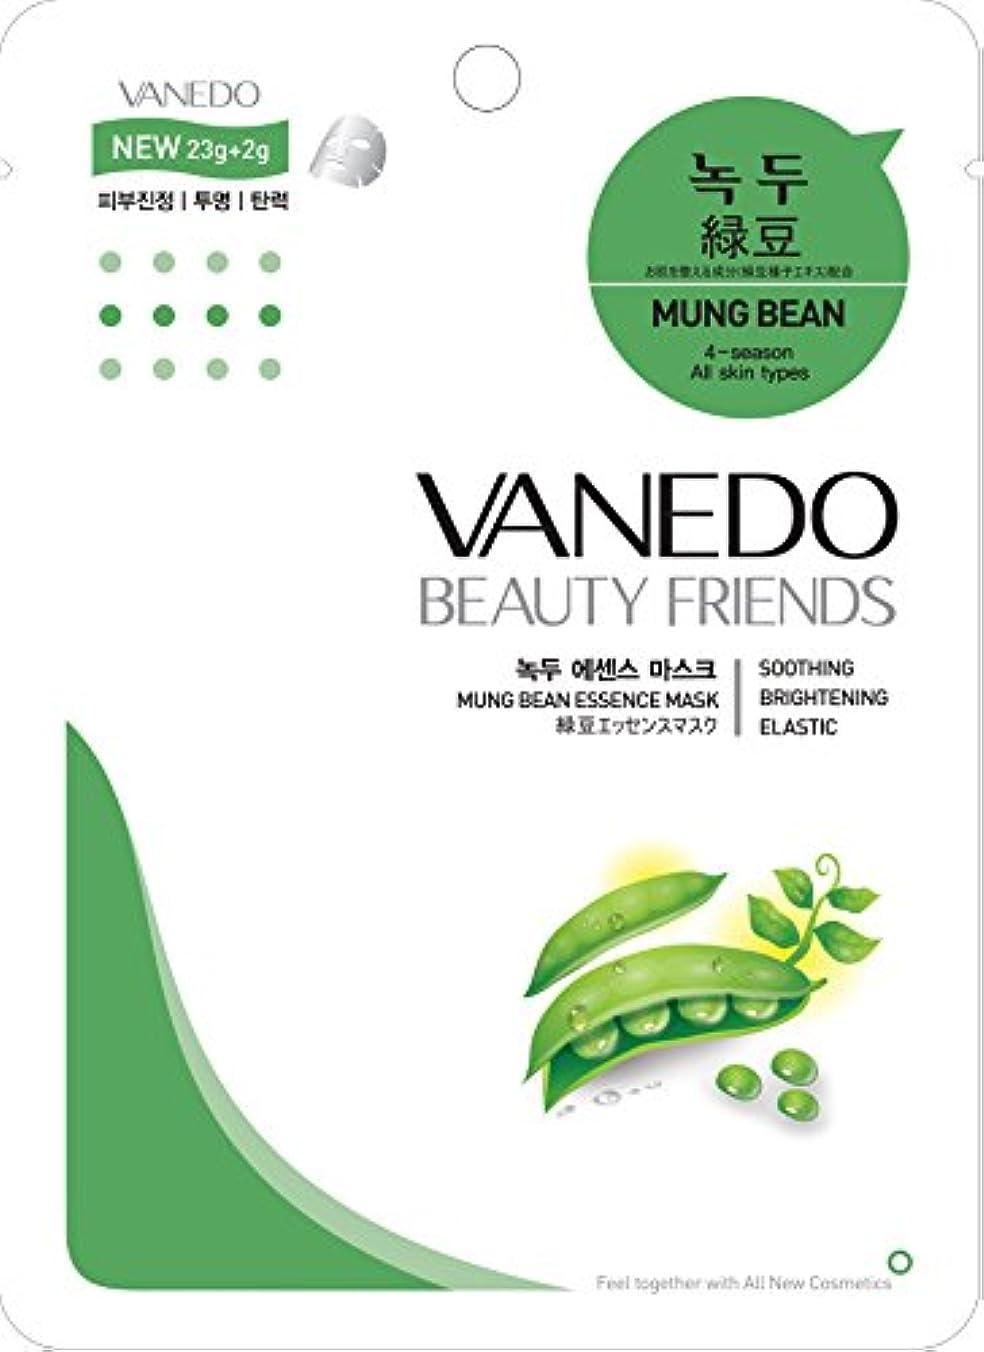 ウッズ製品無一文【VANEDO】バネド シートマスク 緑豆 10枚セット/エッセンス/保湿/フェイスマスク/フェイスパック/マスクパック/韓国コスメ [メール便]